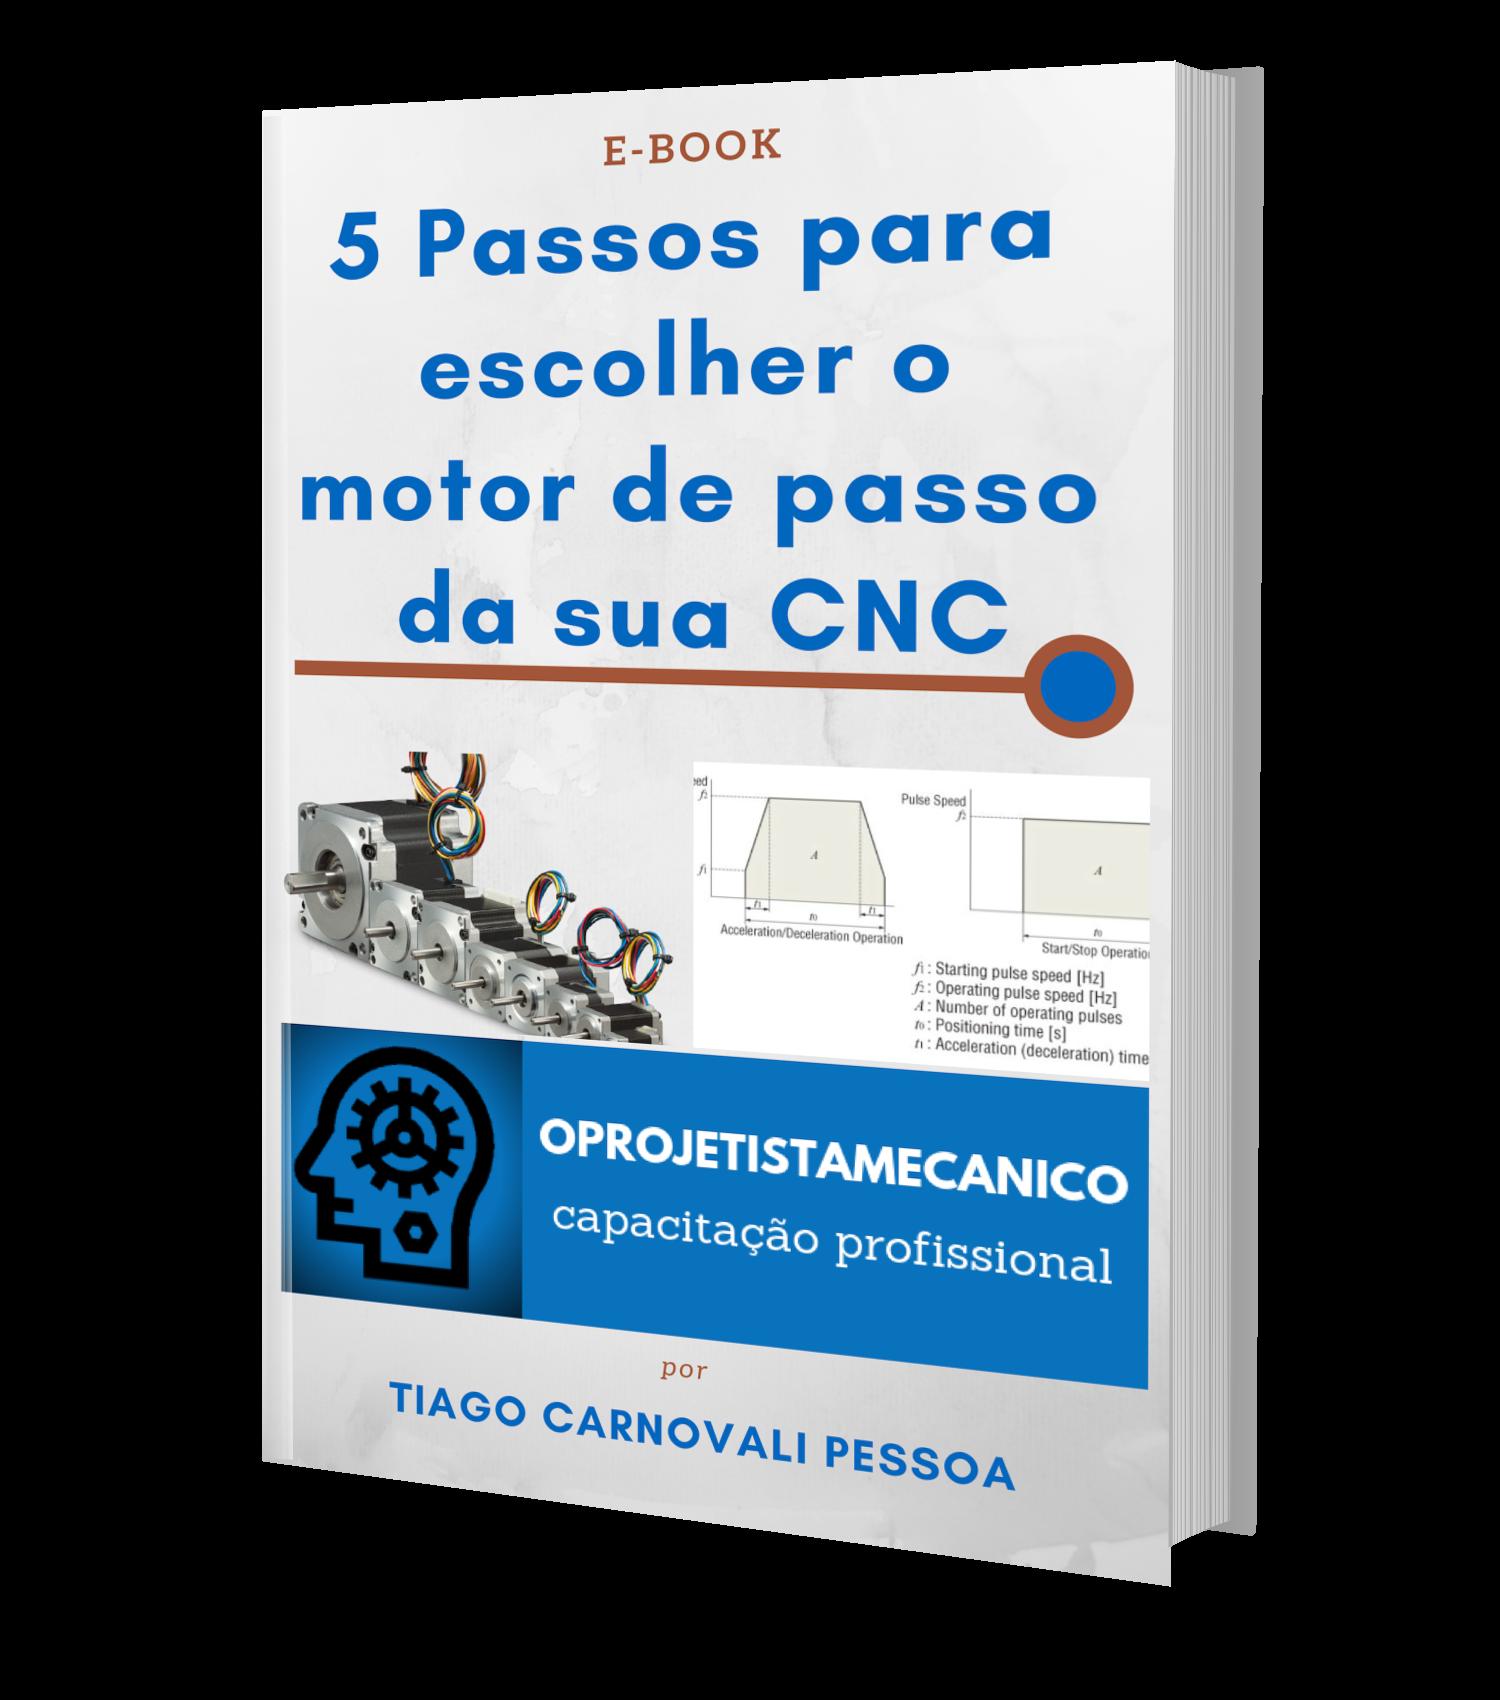 5 passos para escolher o motor de passo da sua CNC